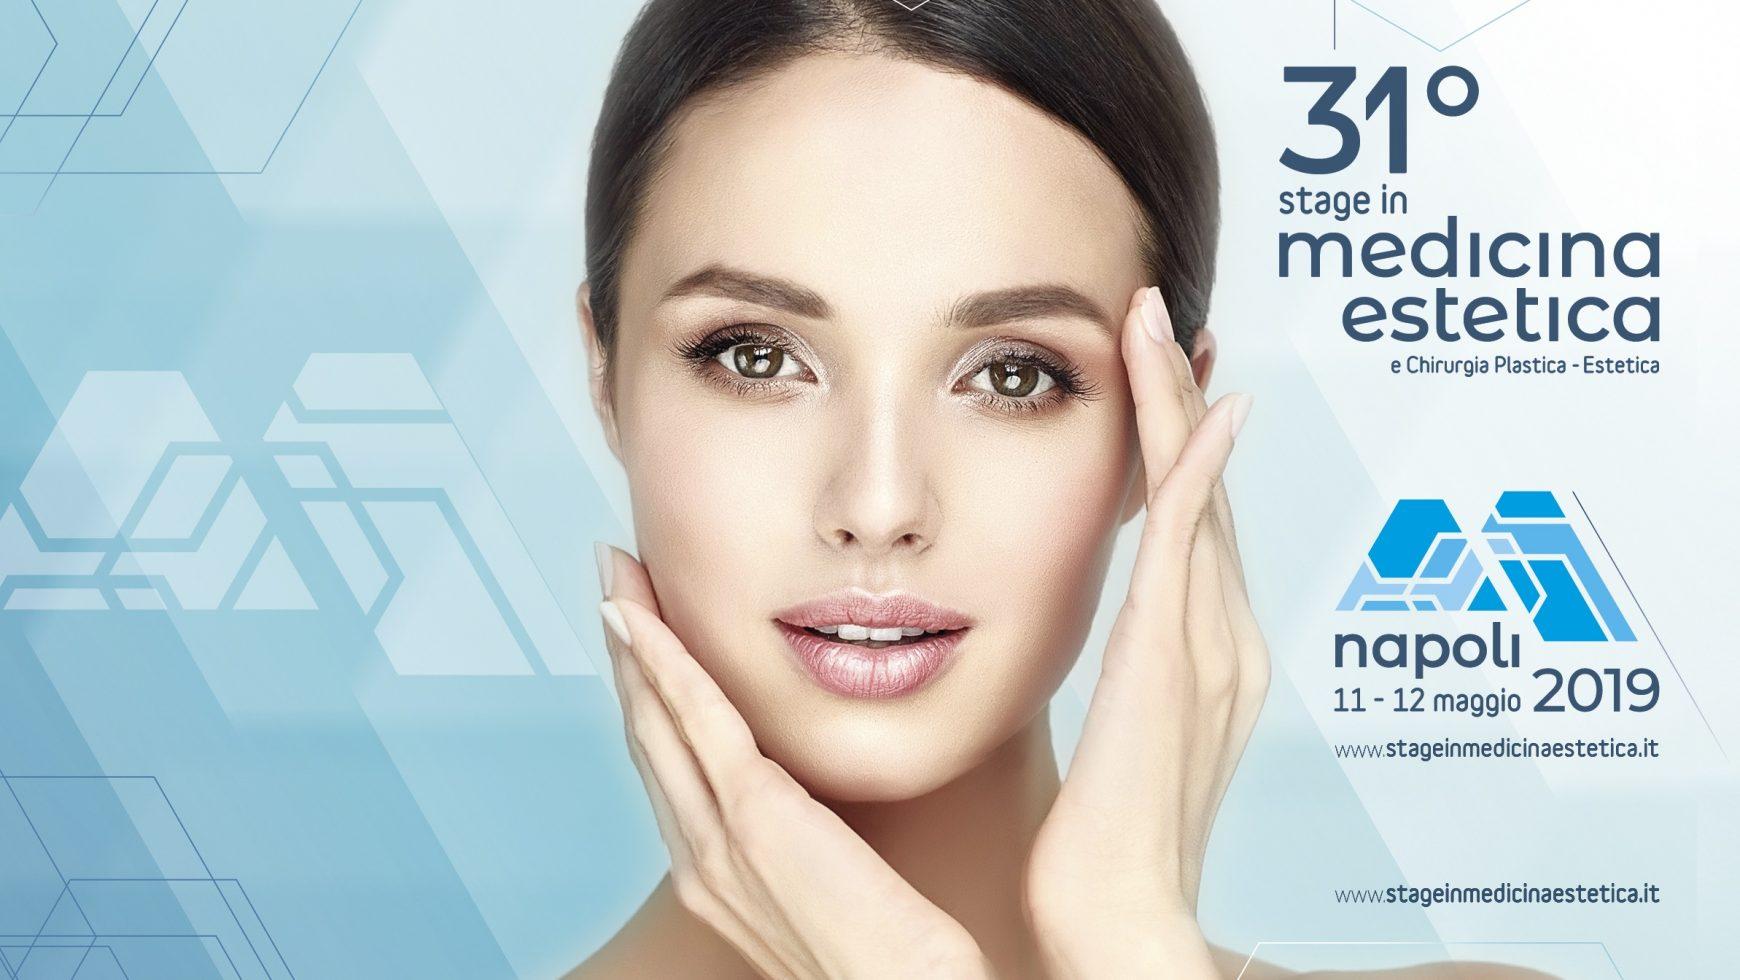 31° Stage in Medicina Estetica e Chirurgia Plastica Estetica